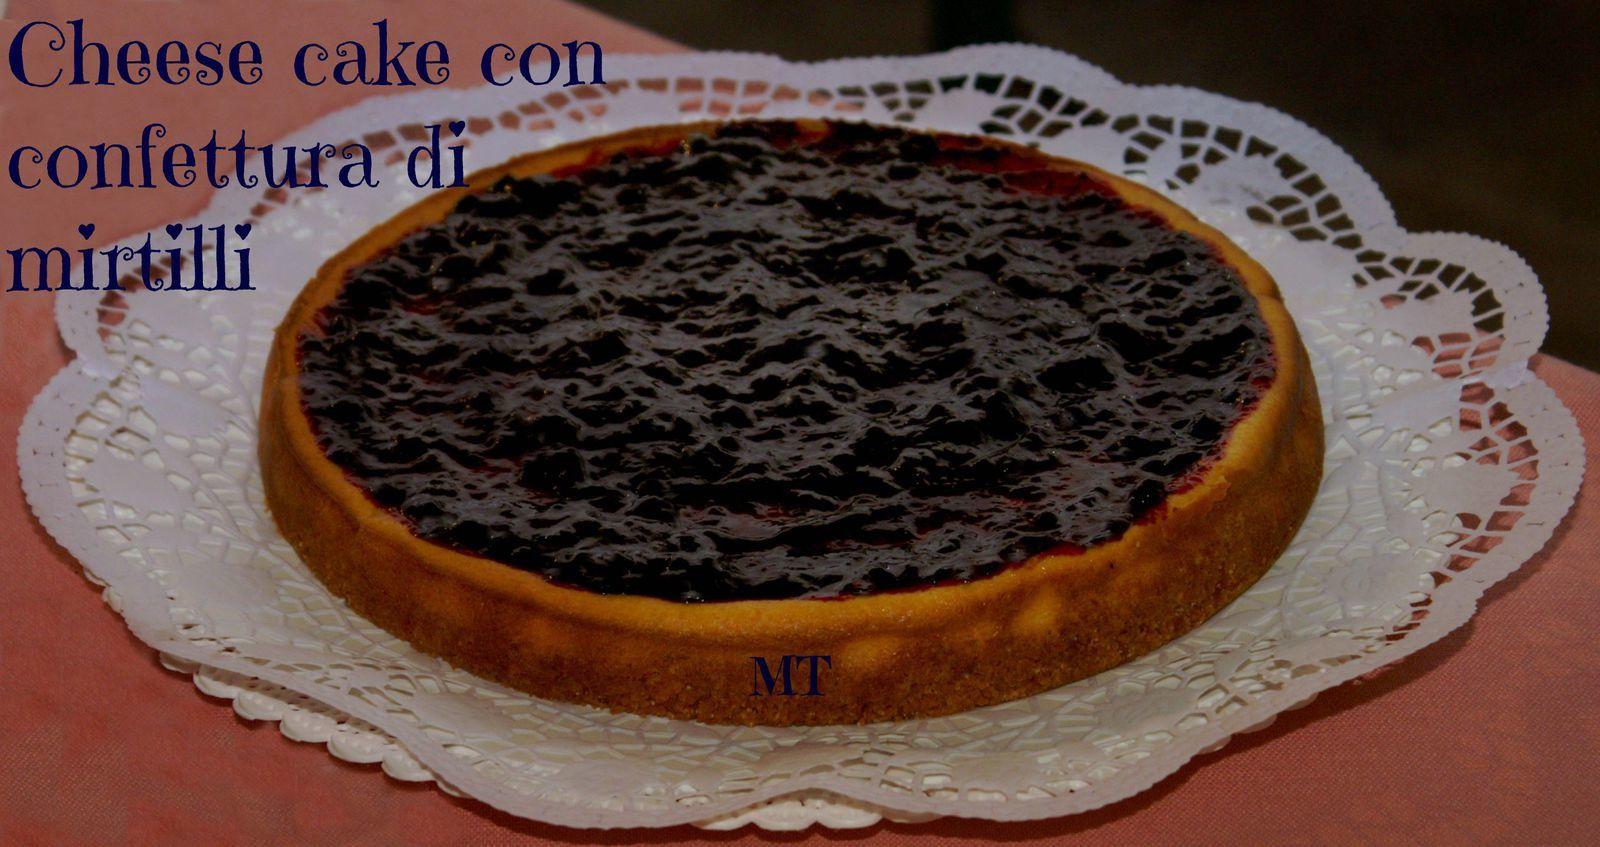 Cheese cake alla confettura di mirtilli e la mostra GUARDANDO ALL'URSS : Realismo socialista in Italia dal mito al mercato